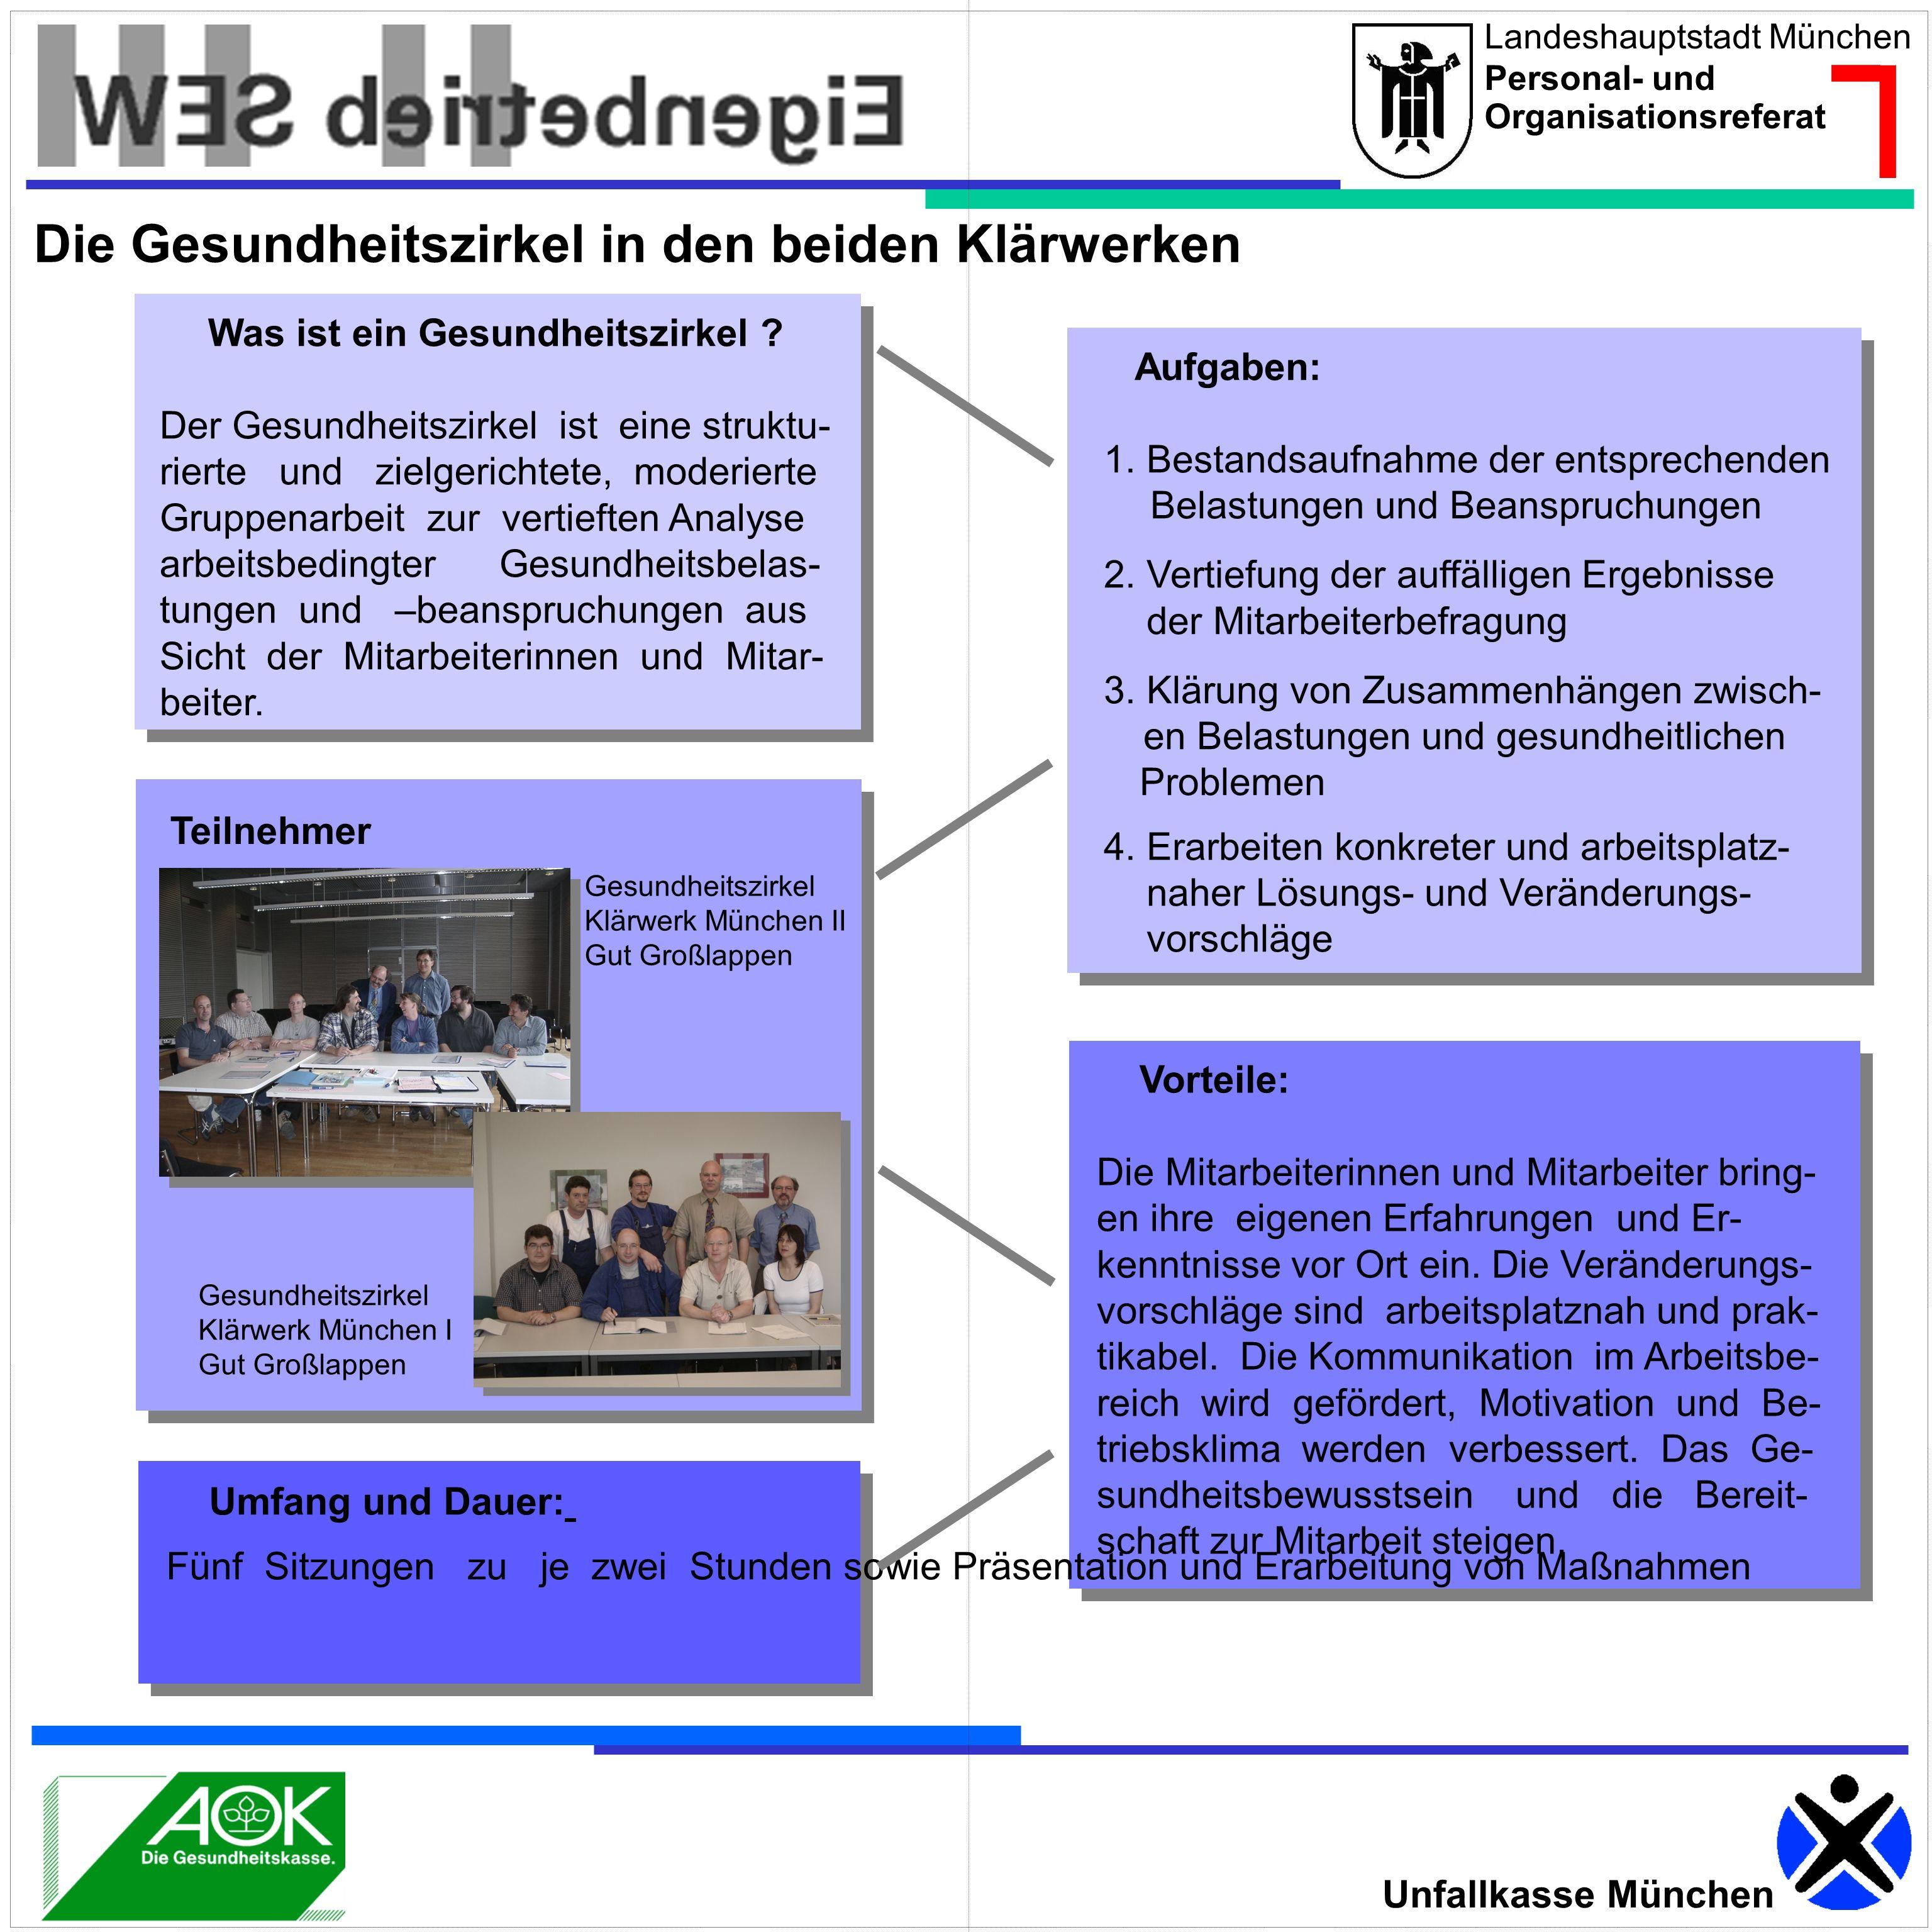 Landeshauptstadt München Personal- und Organisationsreferat Unfallkasse München Was ist ein Gesundheitszirkel ? Der Gesundheitszirkel ist eine struktu